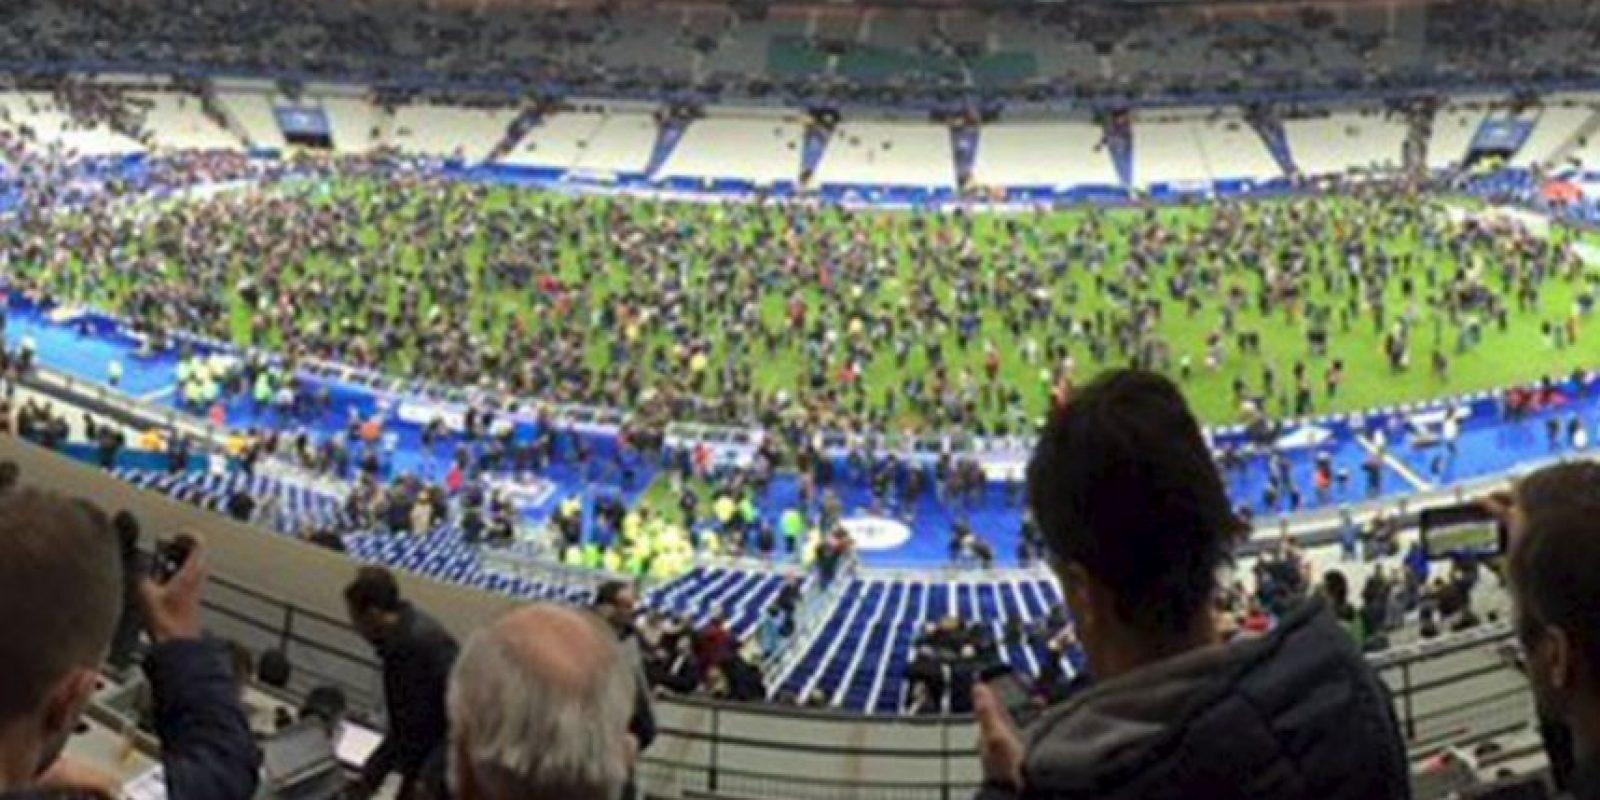 El partido entre Francia y Alemania terminó así. Foto:vía Twitter/@ImiaSanMia